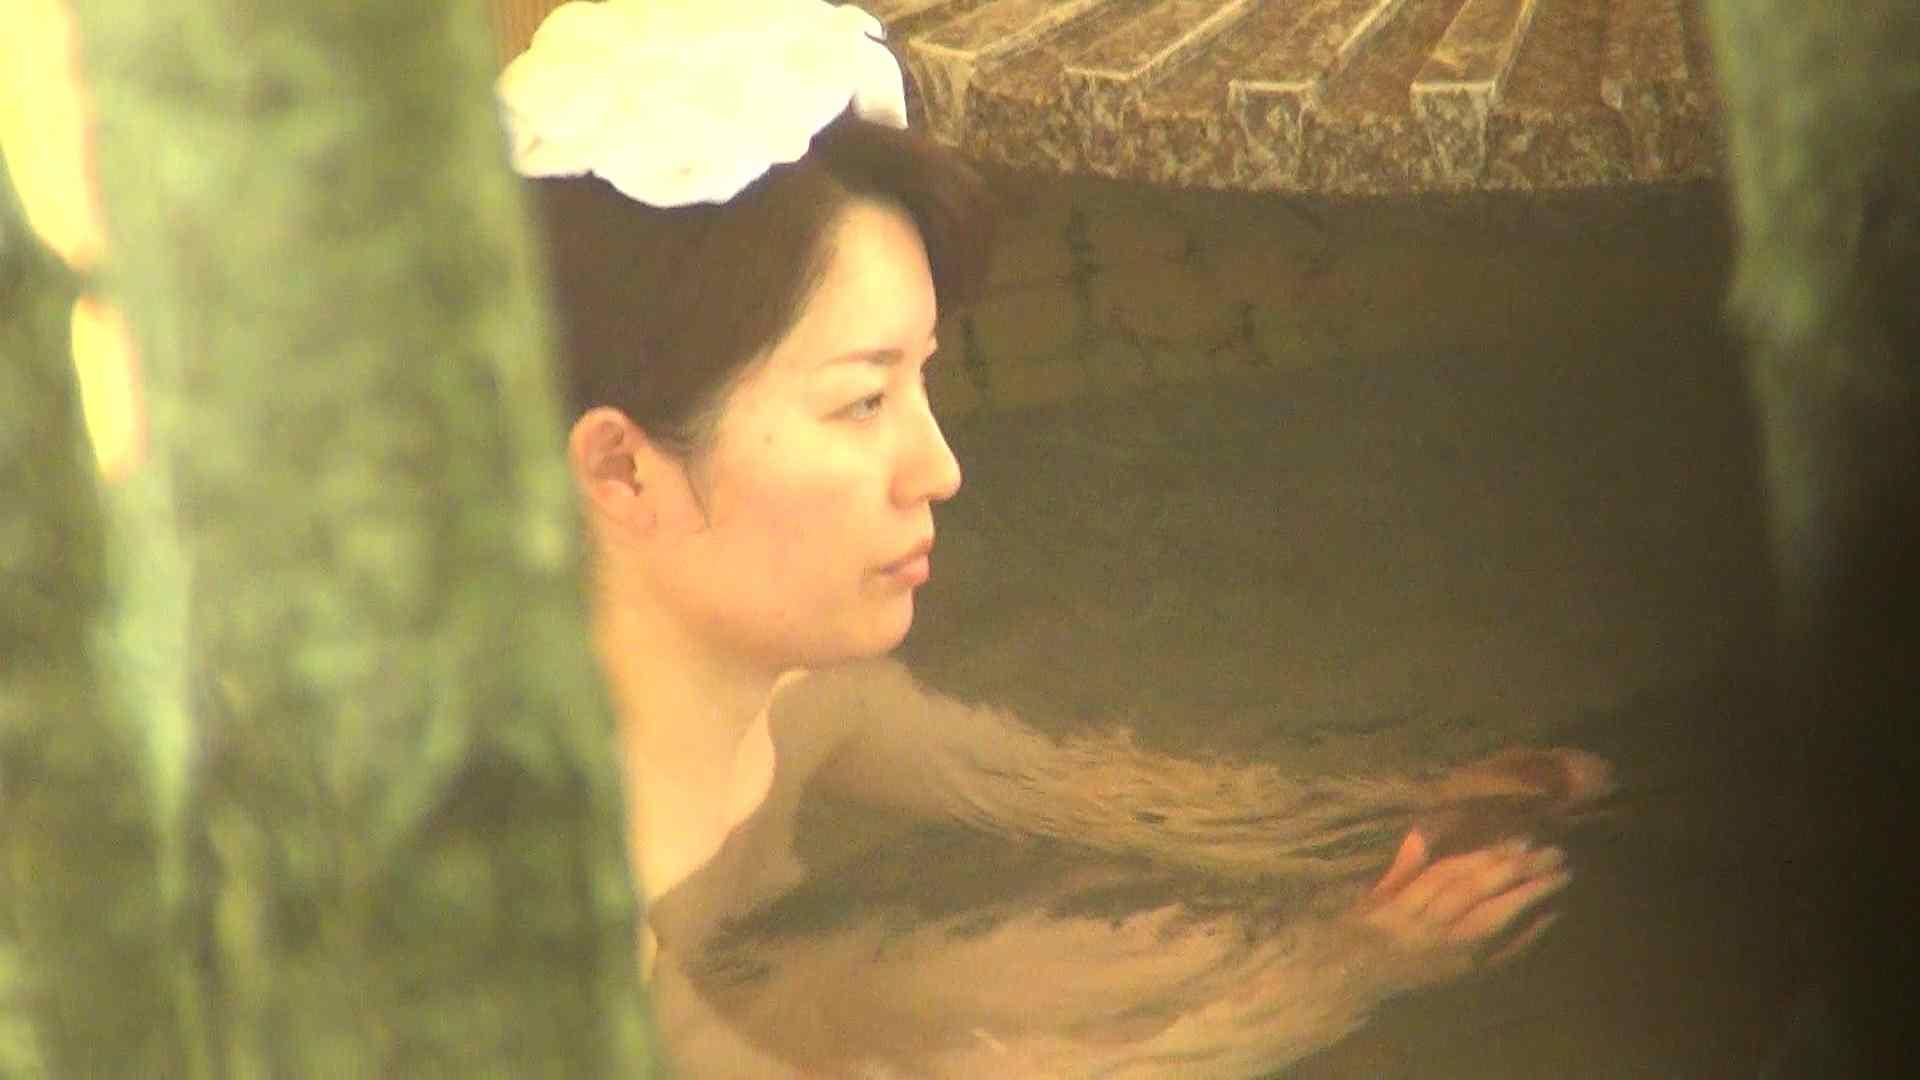 Aquaな露天風呂Vol.301 OLハメ撮り  41Pix 31